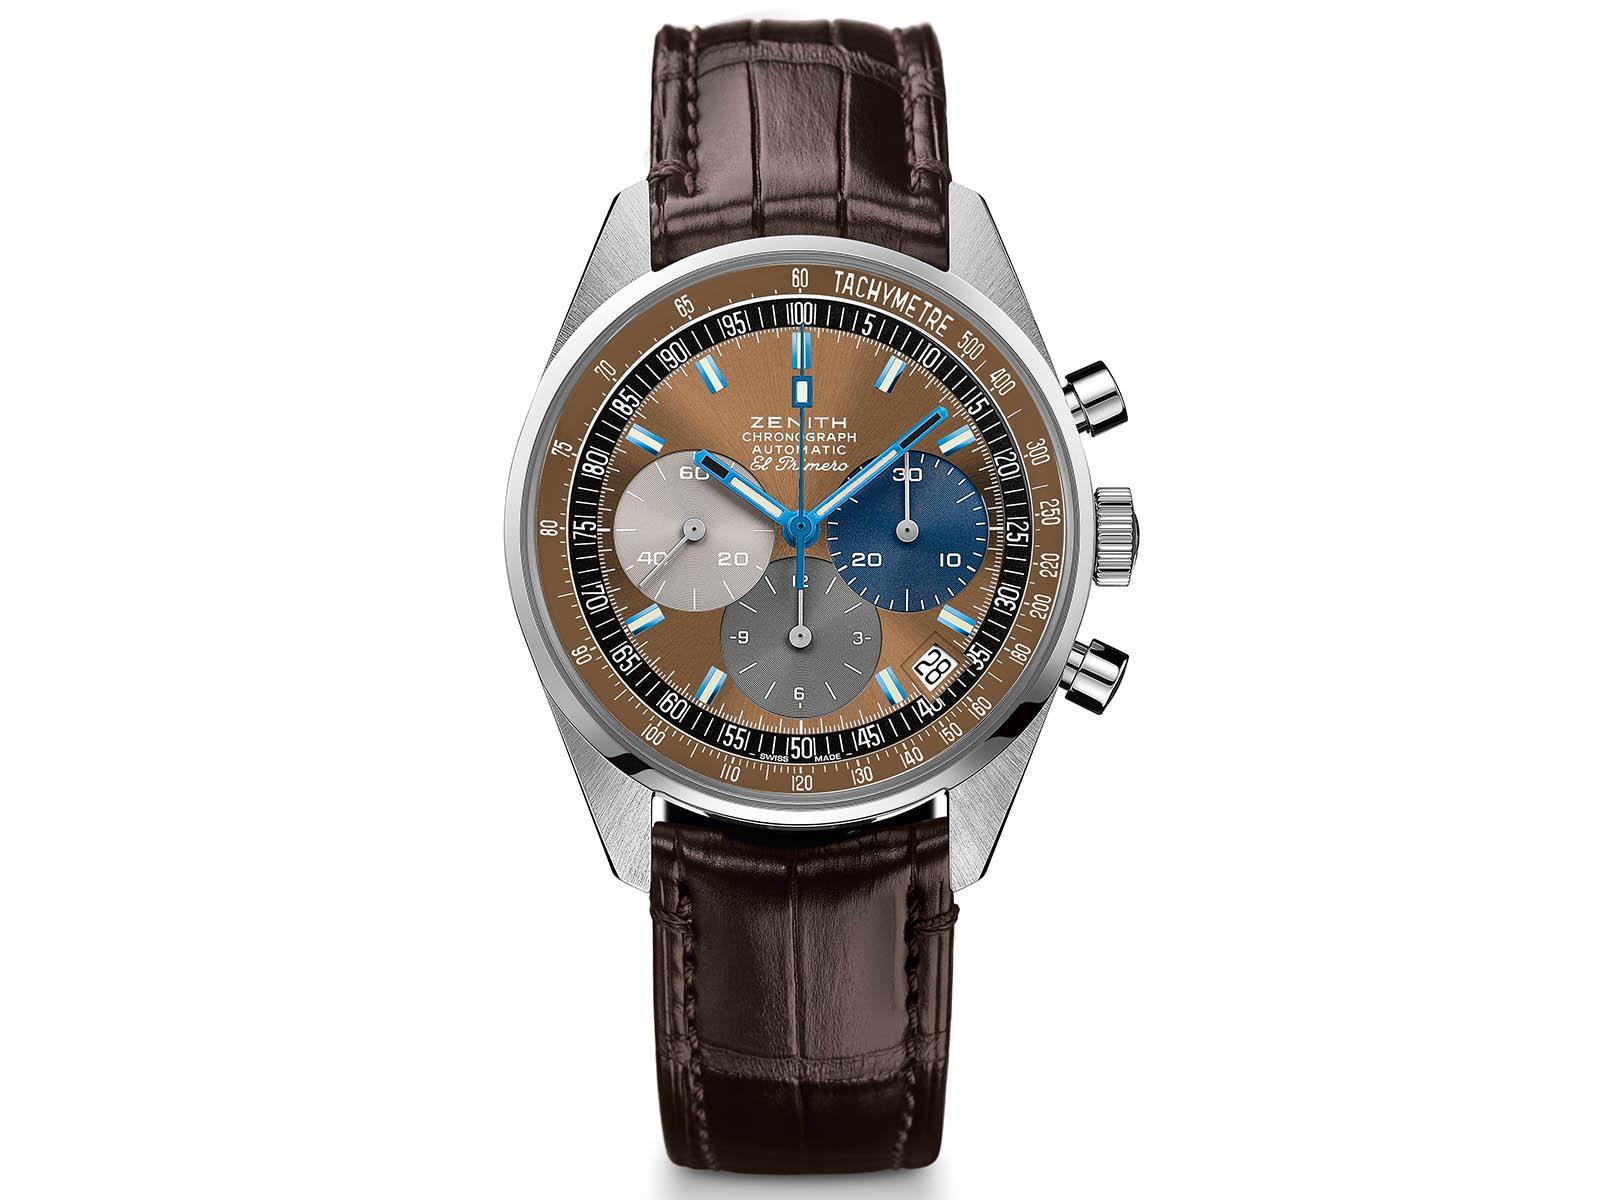 03-f386-400-70-c807-zenith-el-primero-a386-revival-fine-watch-club-edition-4.jpg